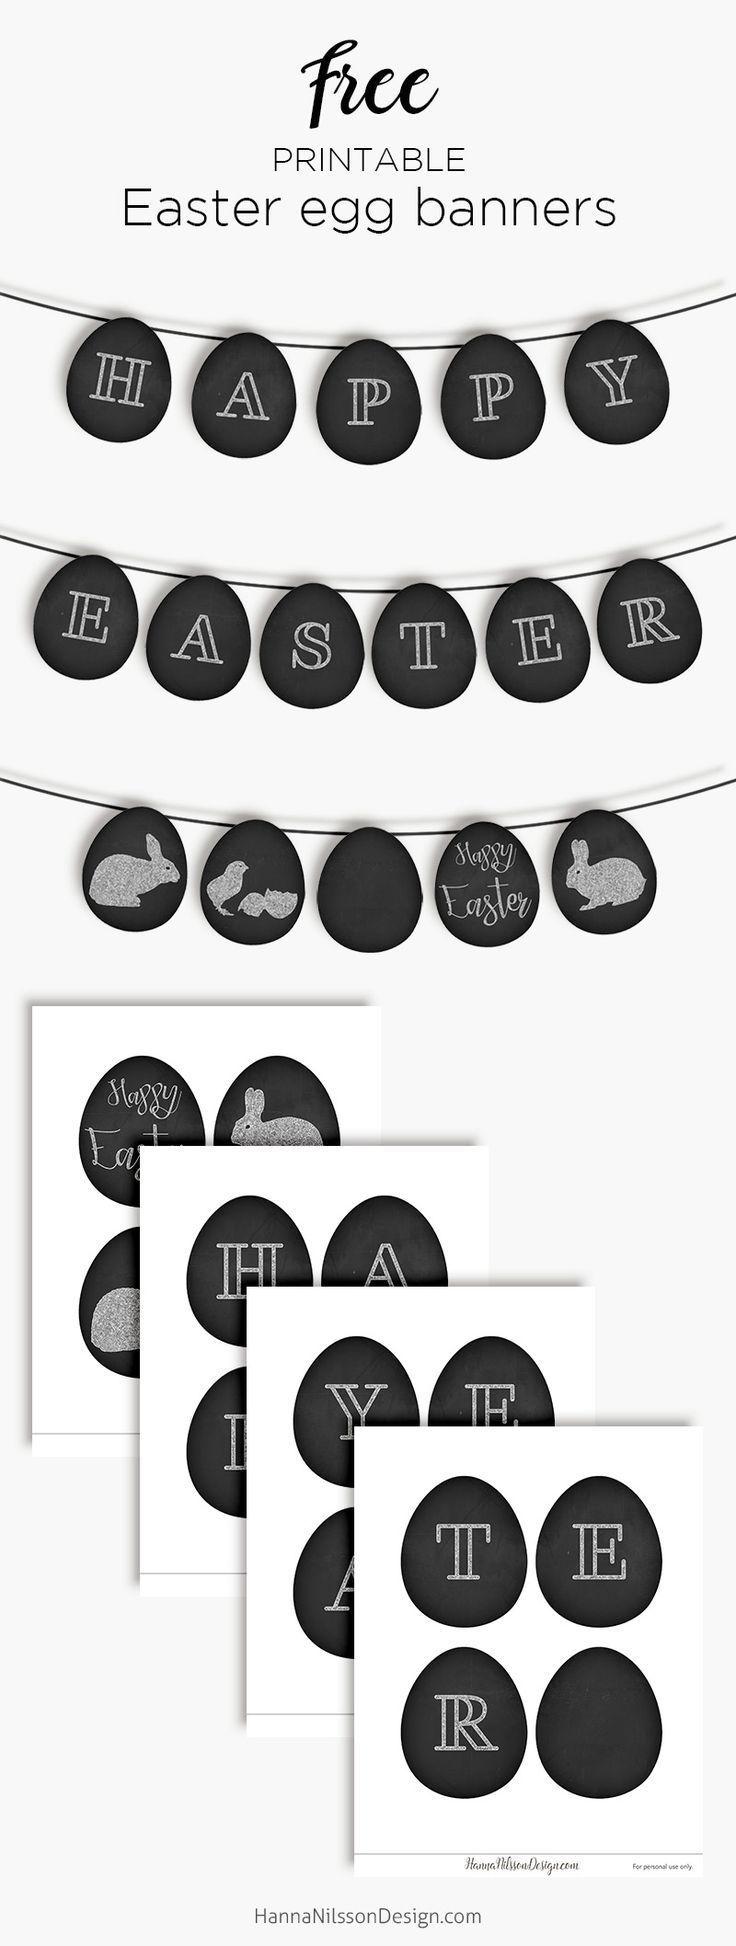 Easter egg banner | Free printable spring decor | #easter #printable #spring #ba…   – EASTER 2019